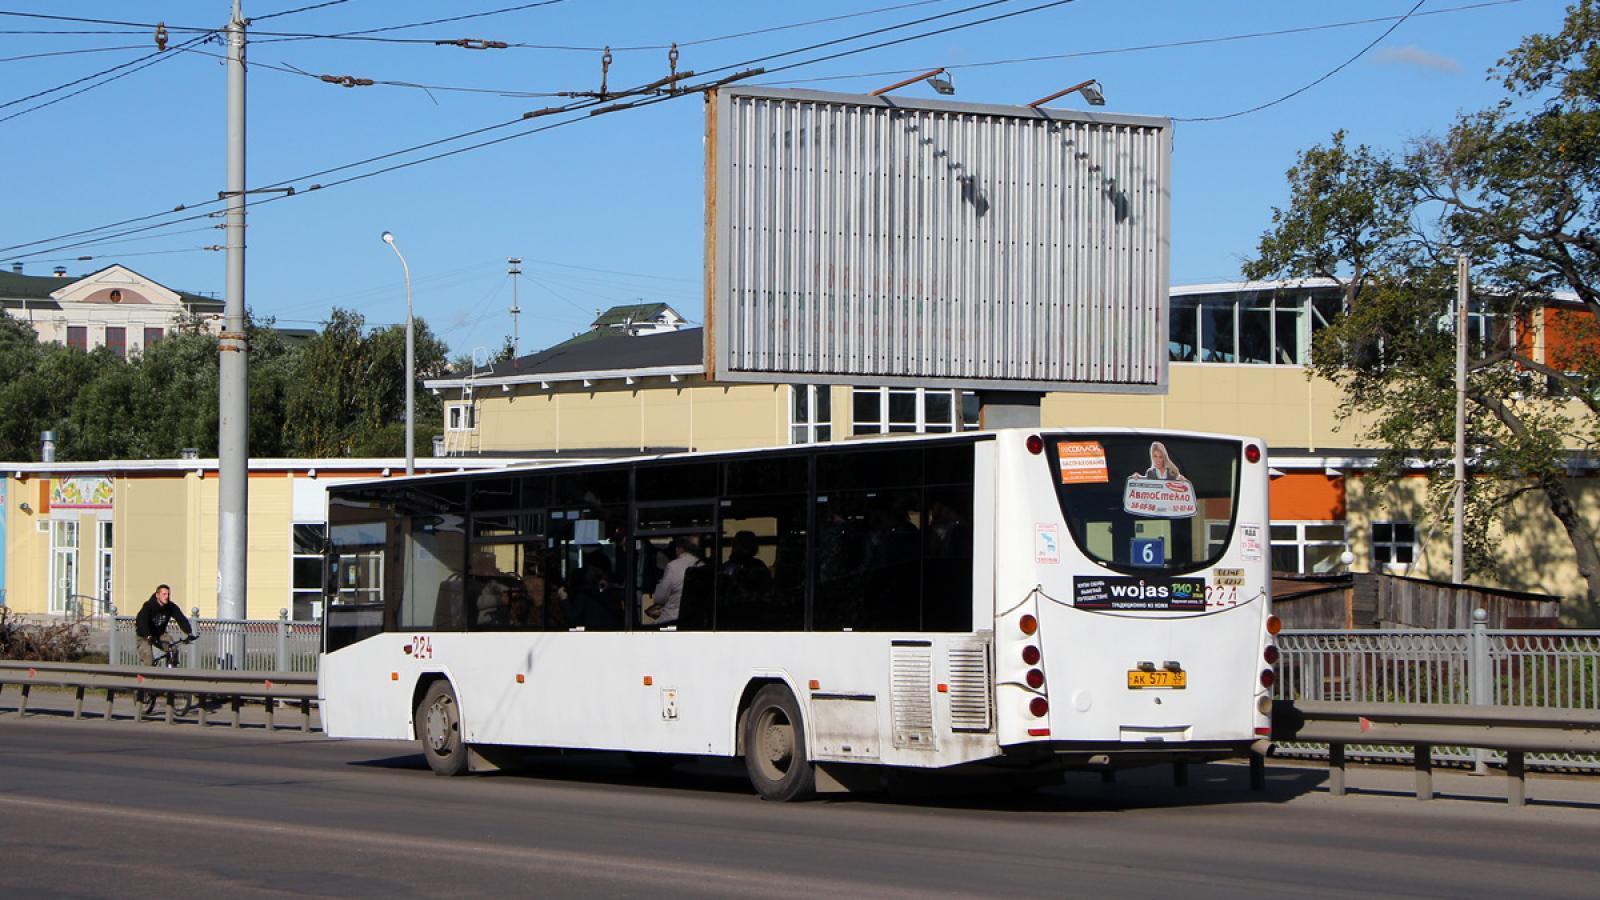 Автобус сбил мужчину на пешеходном переходе